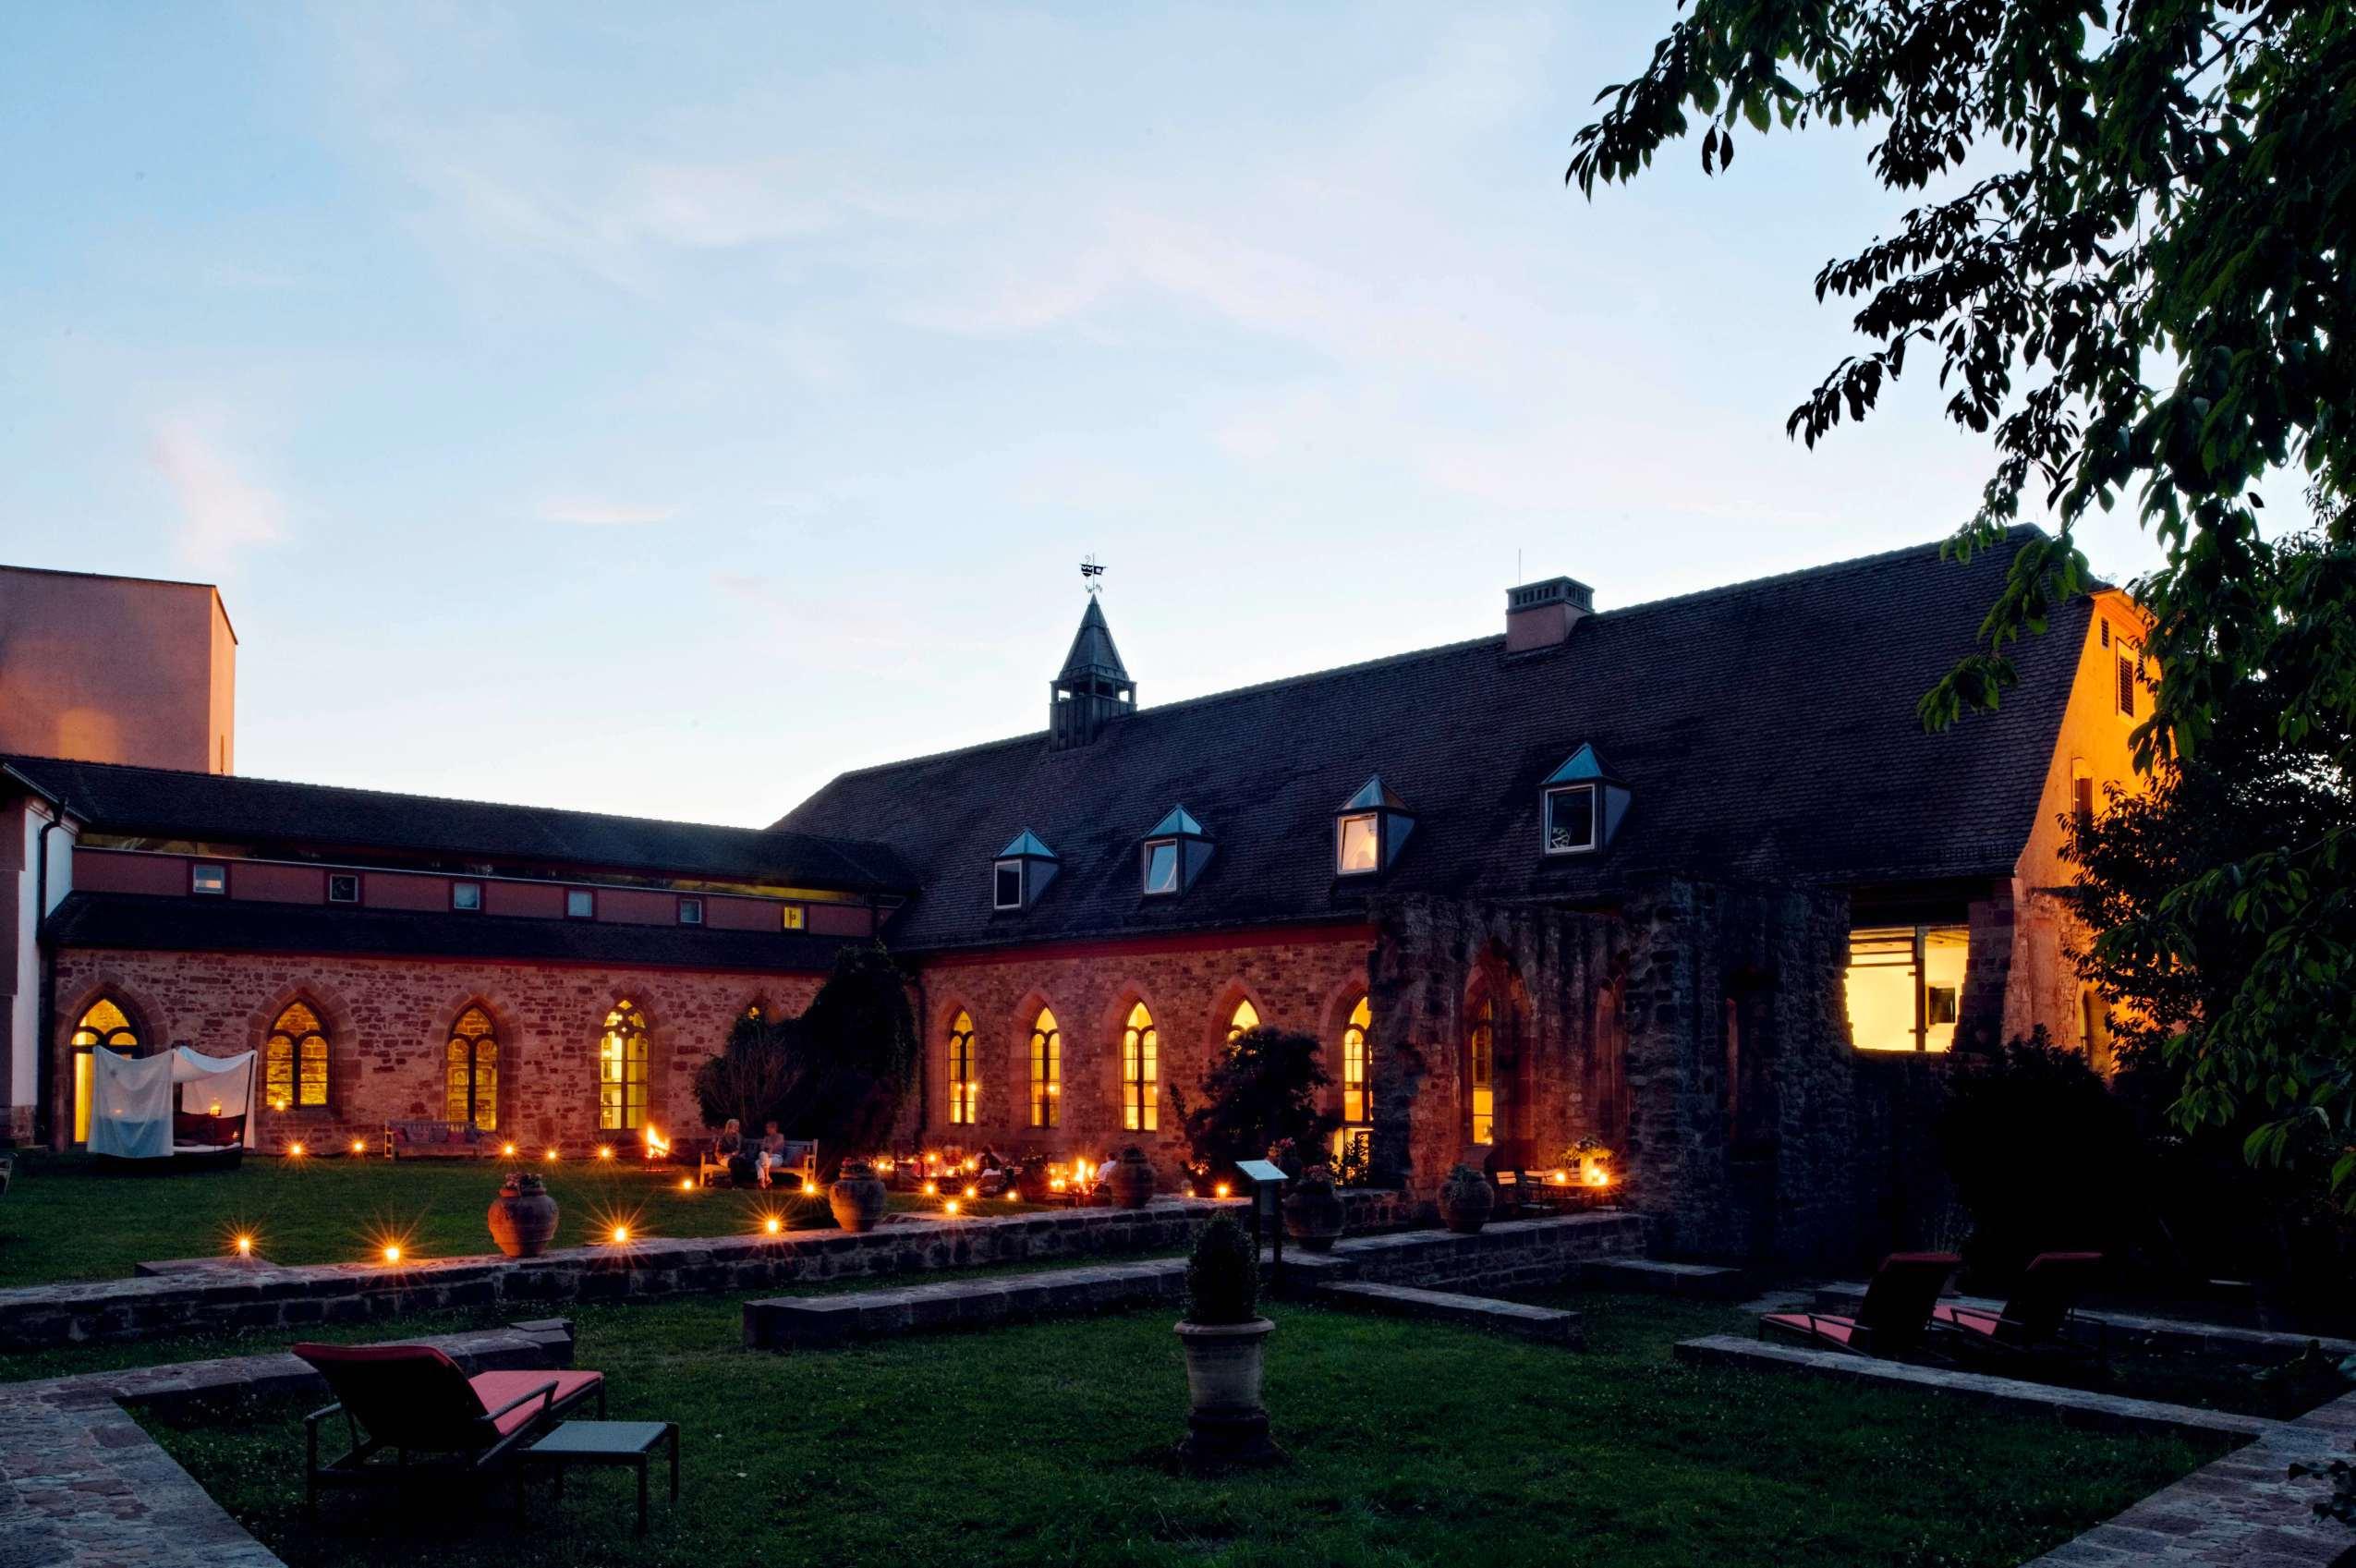 Der Innenhof des Klosters bei Abenddämmerug.